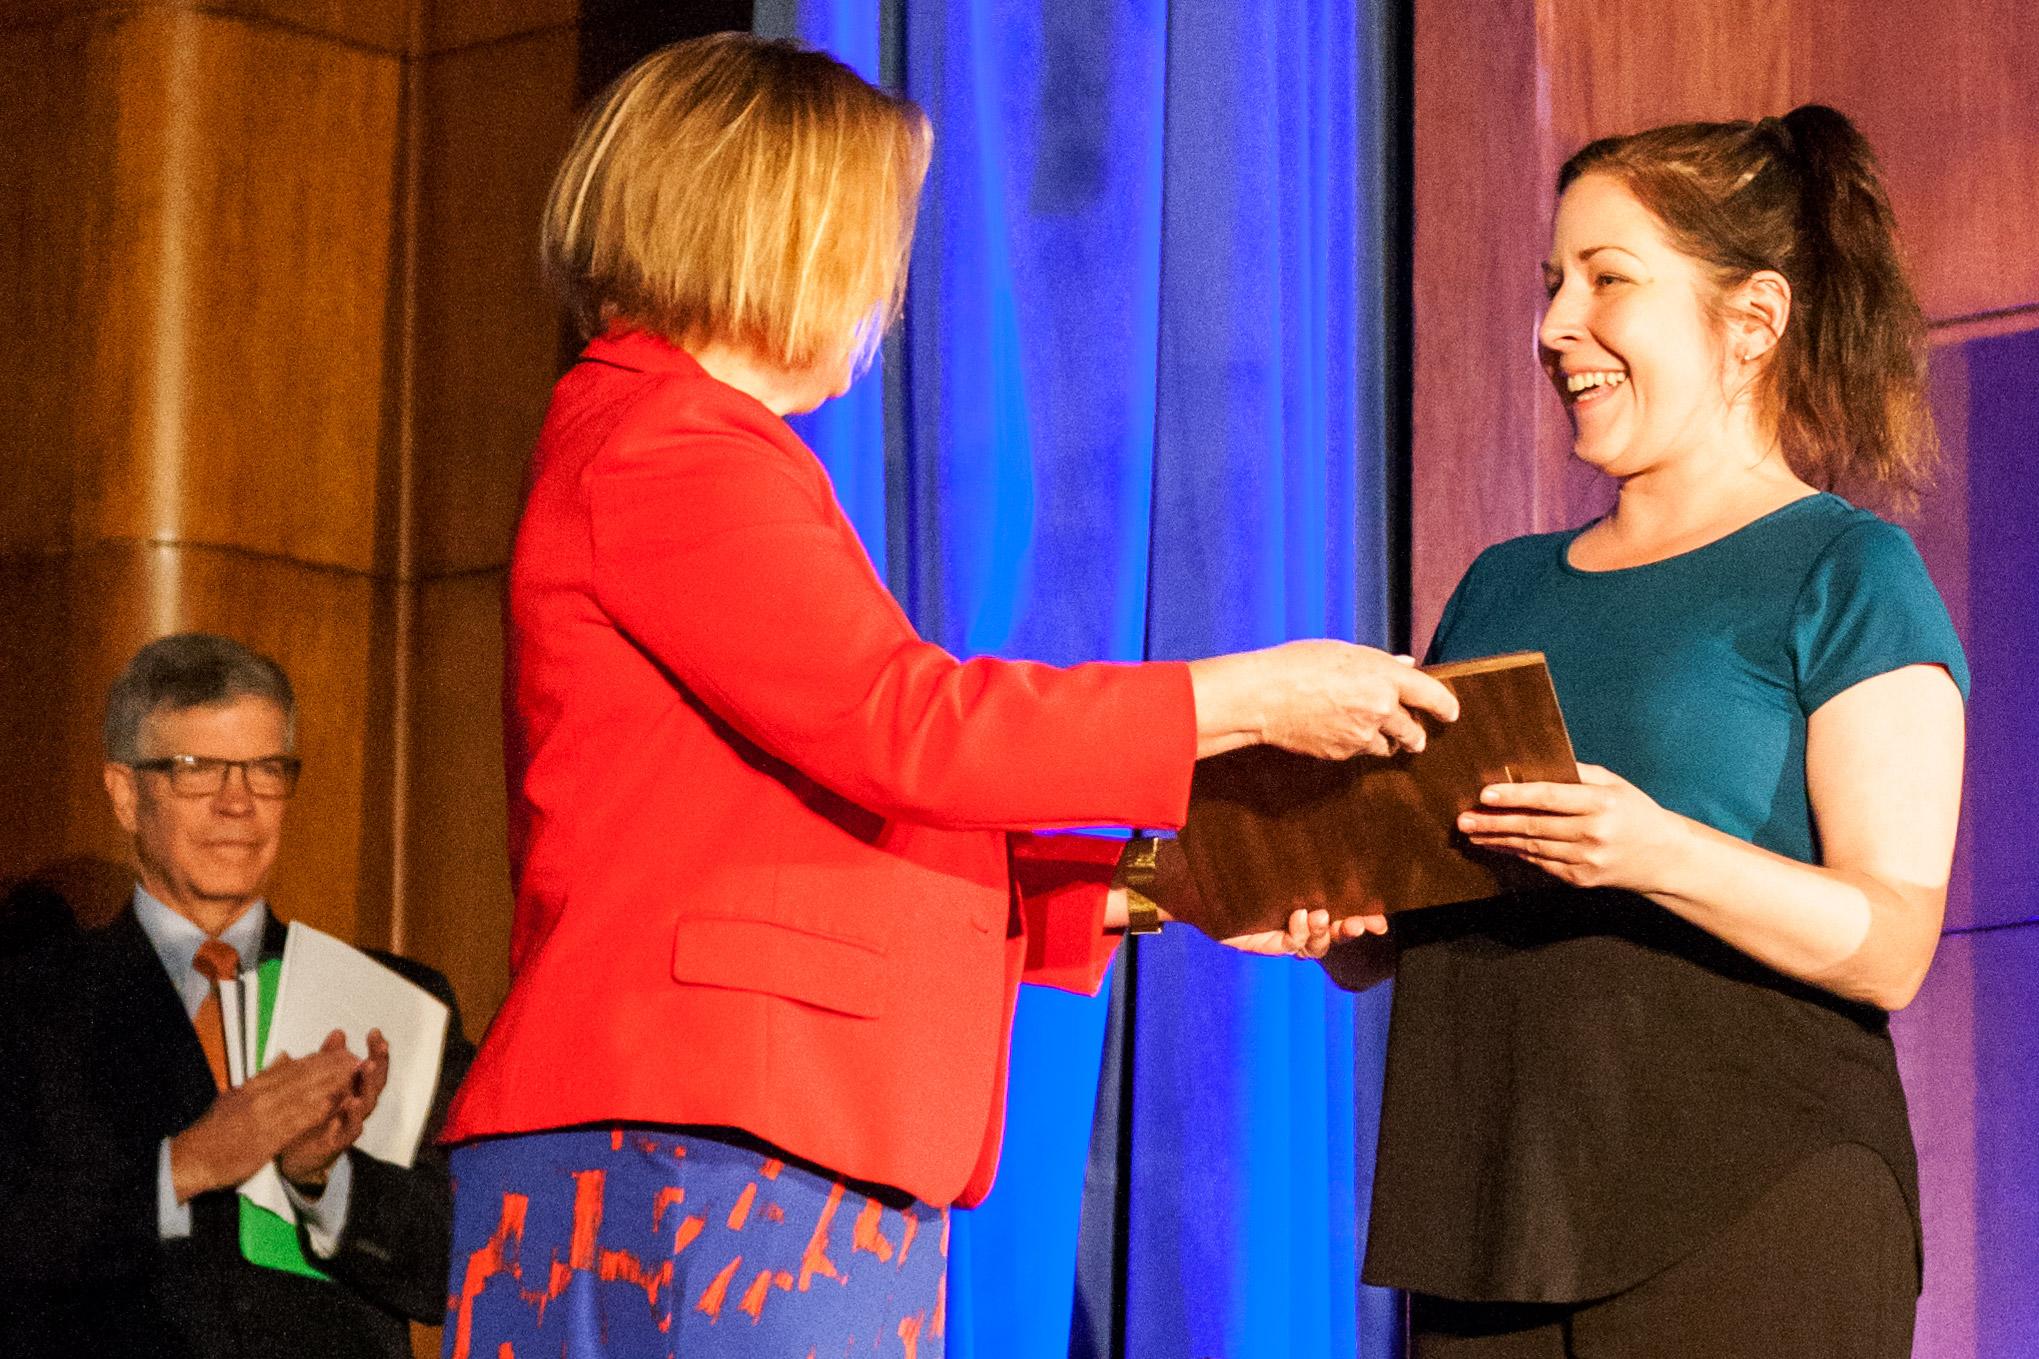 VOA correspondent Heather Murdock wins Burke Award for Mosul coverage